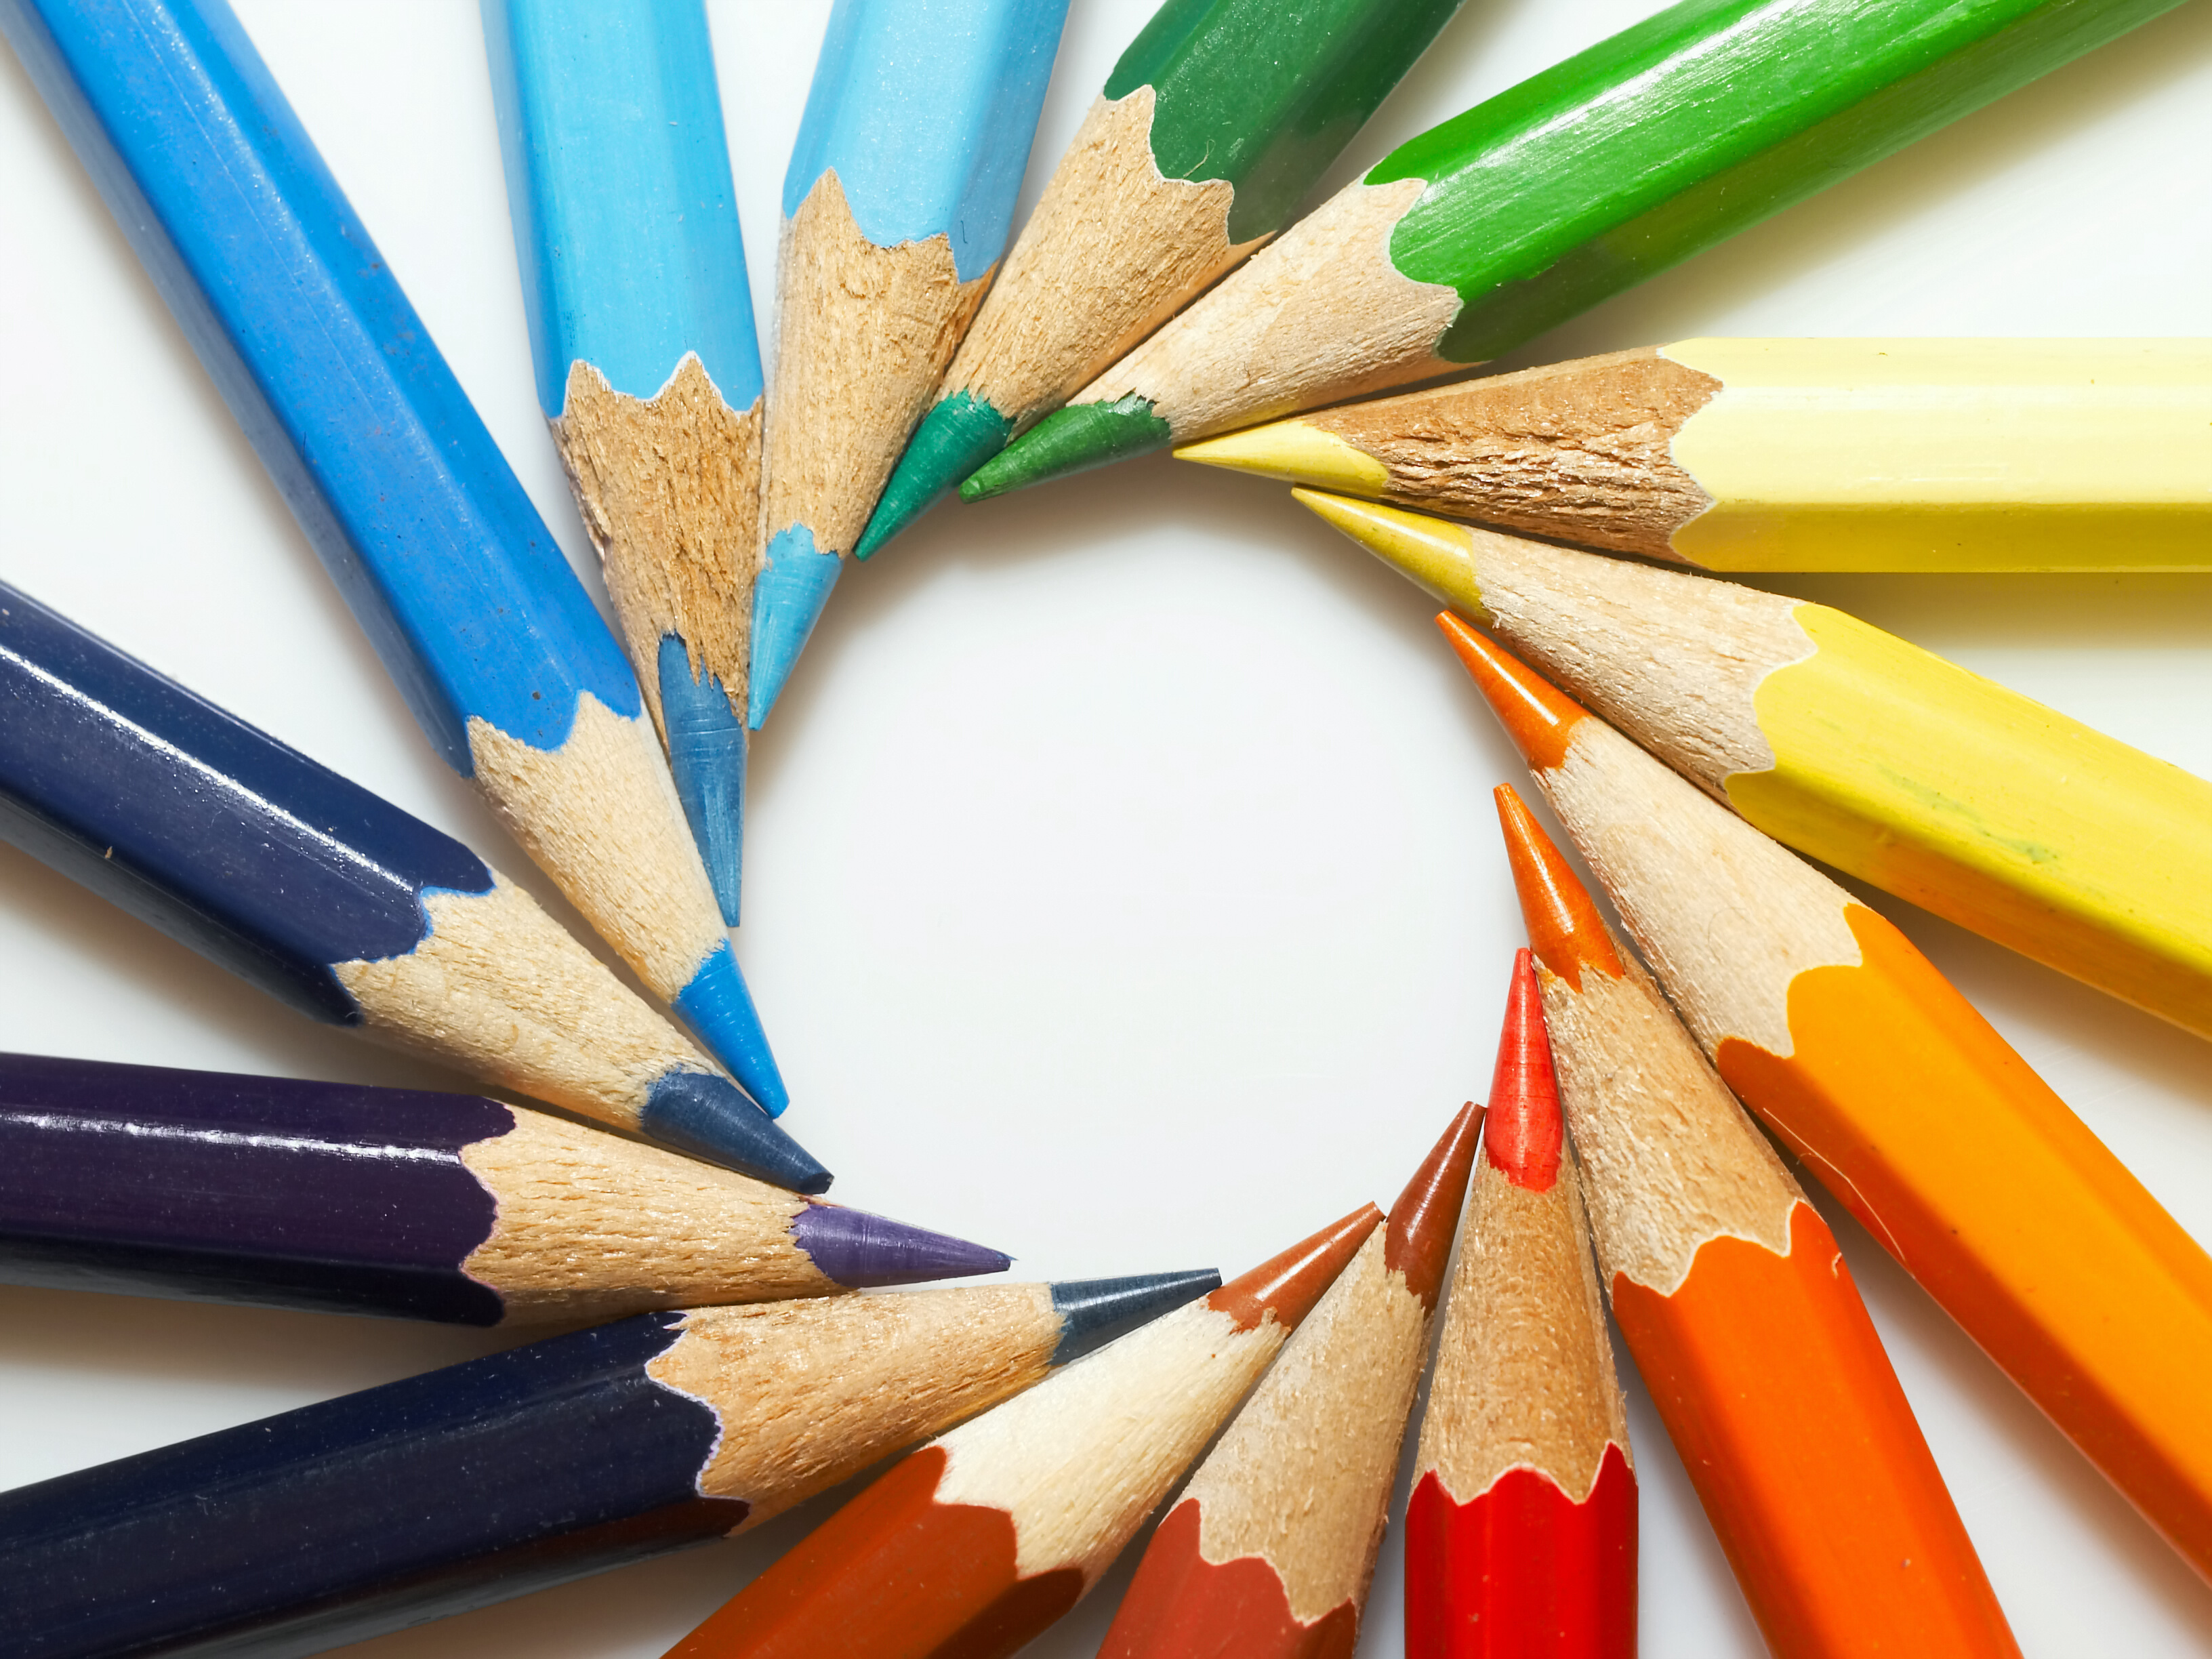 цветные карандаши всех цветов радуги, скачать фото, обои для рабочего стола, радуга